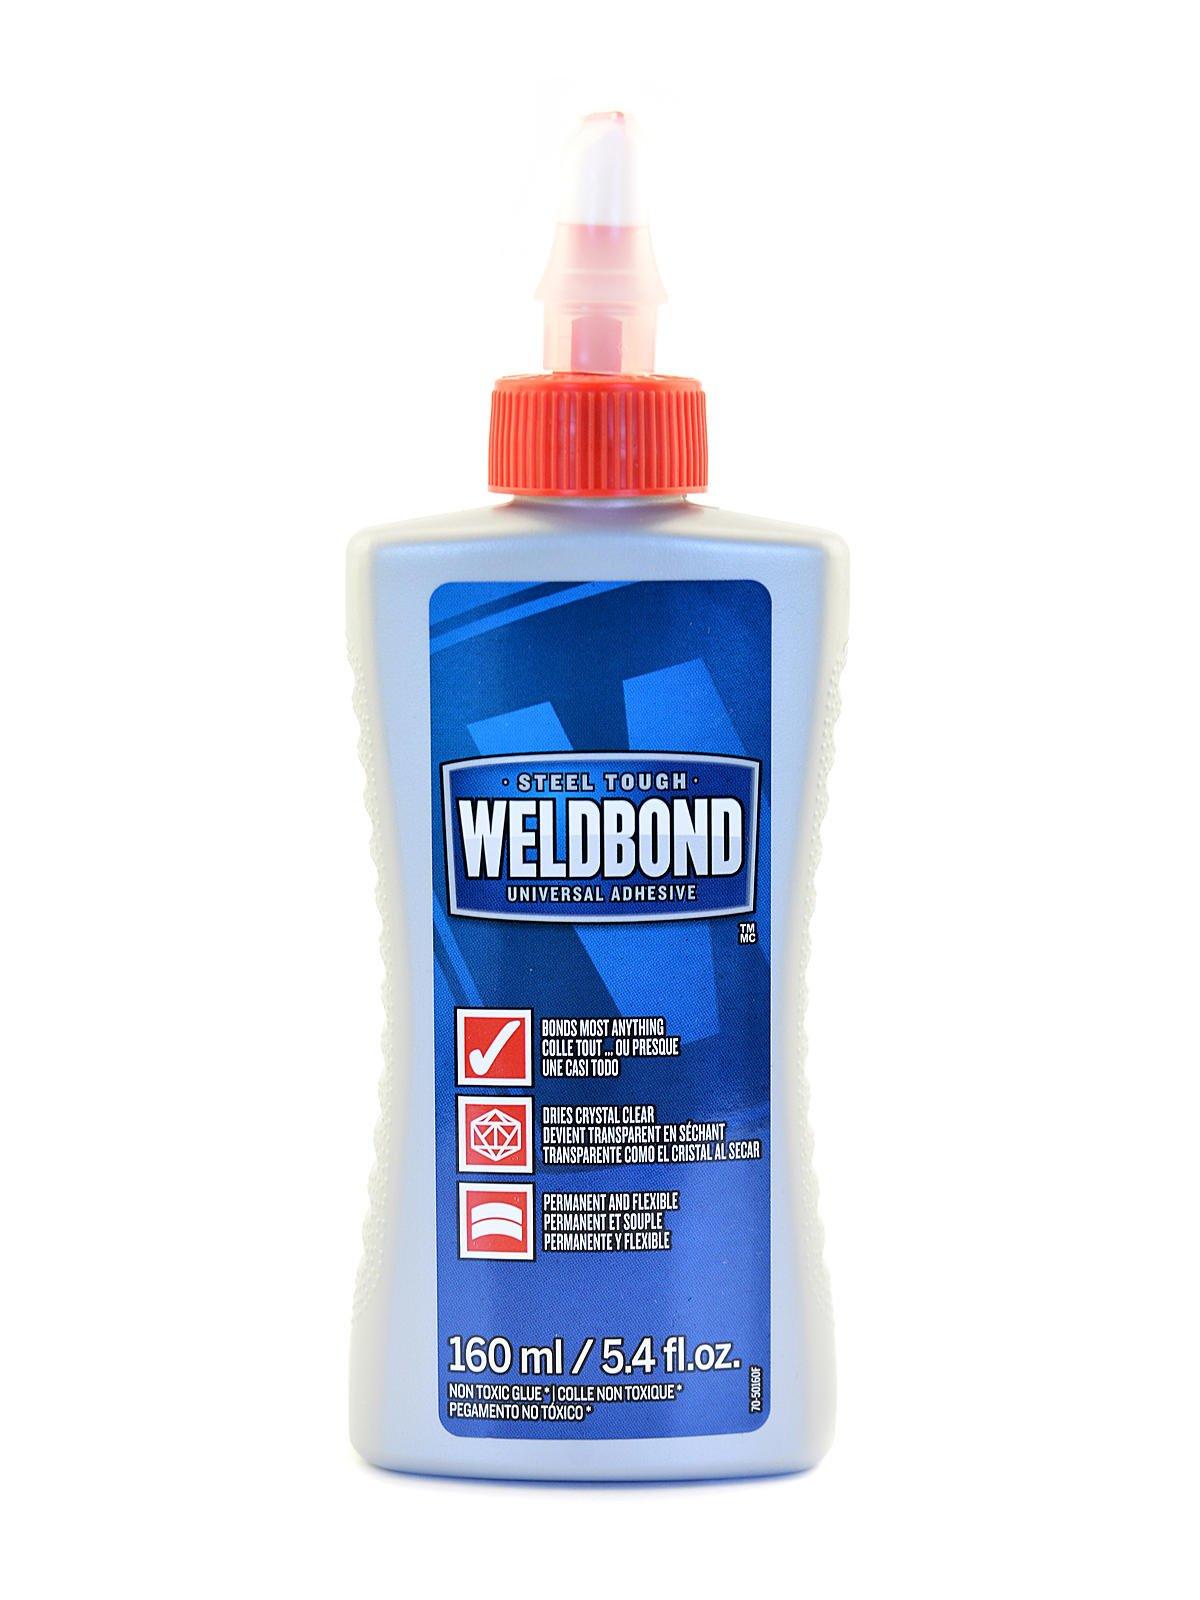 Weldbond Universal Adhesive 5.4 oz. bottle [PACK OF 6 ] by Weldbond